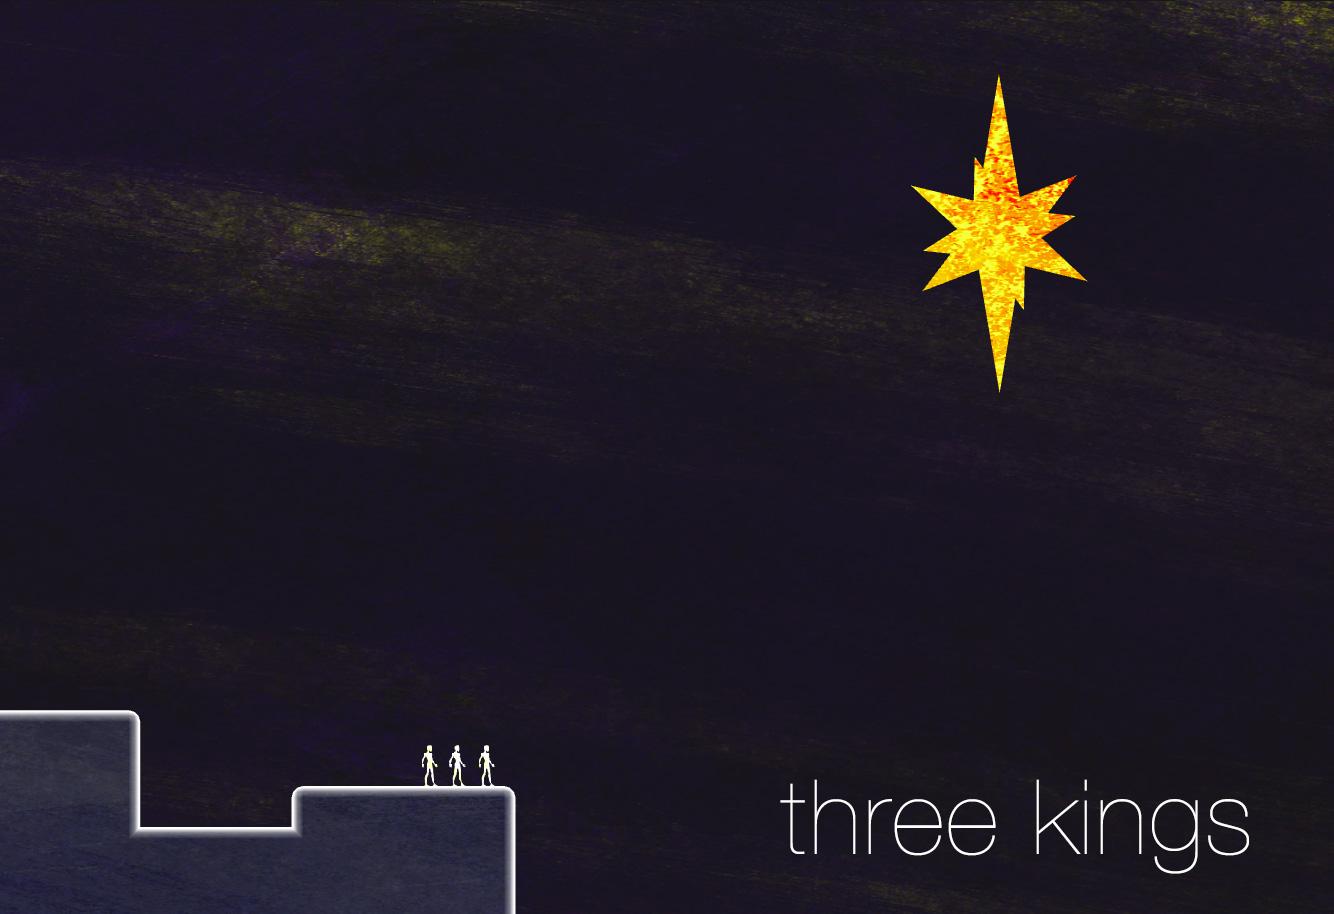 3Kings